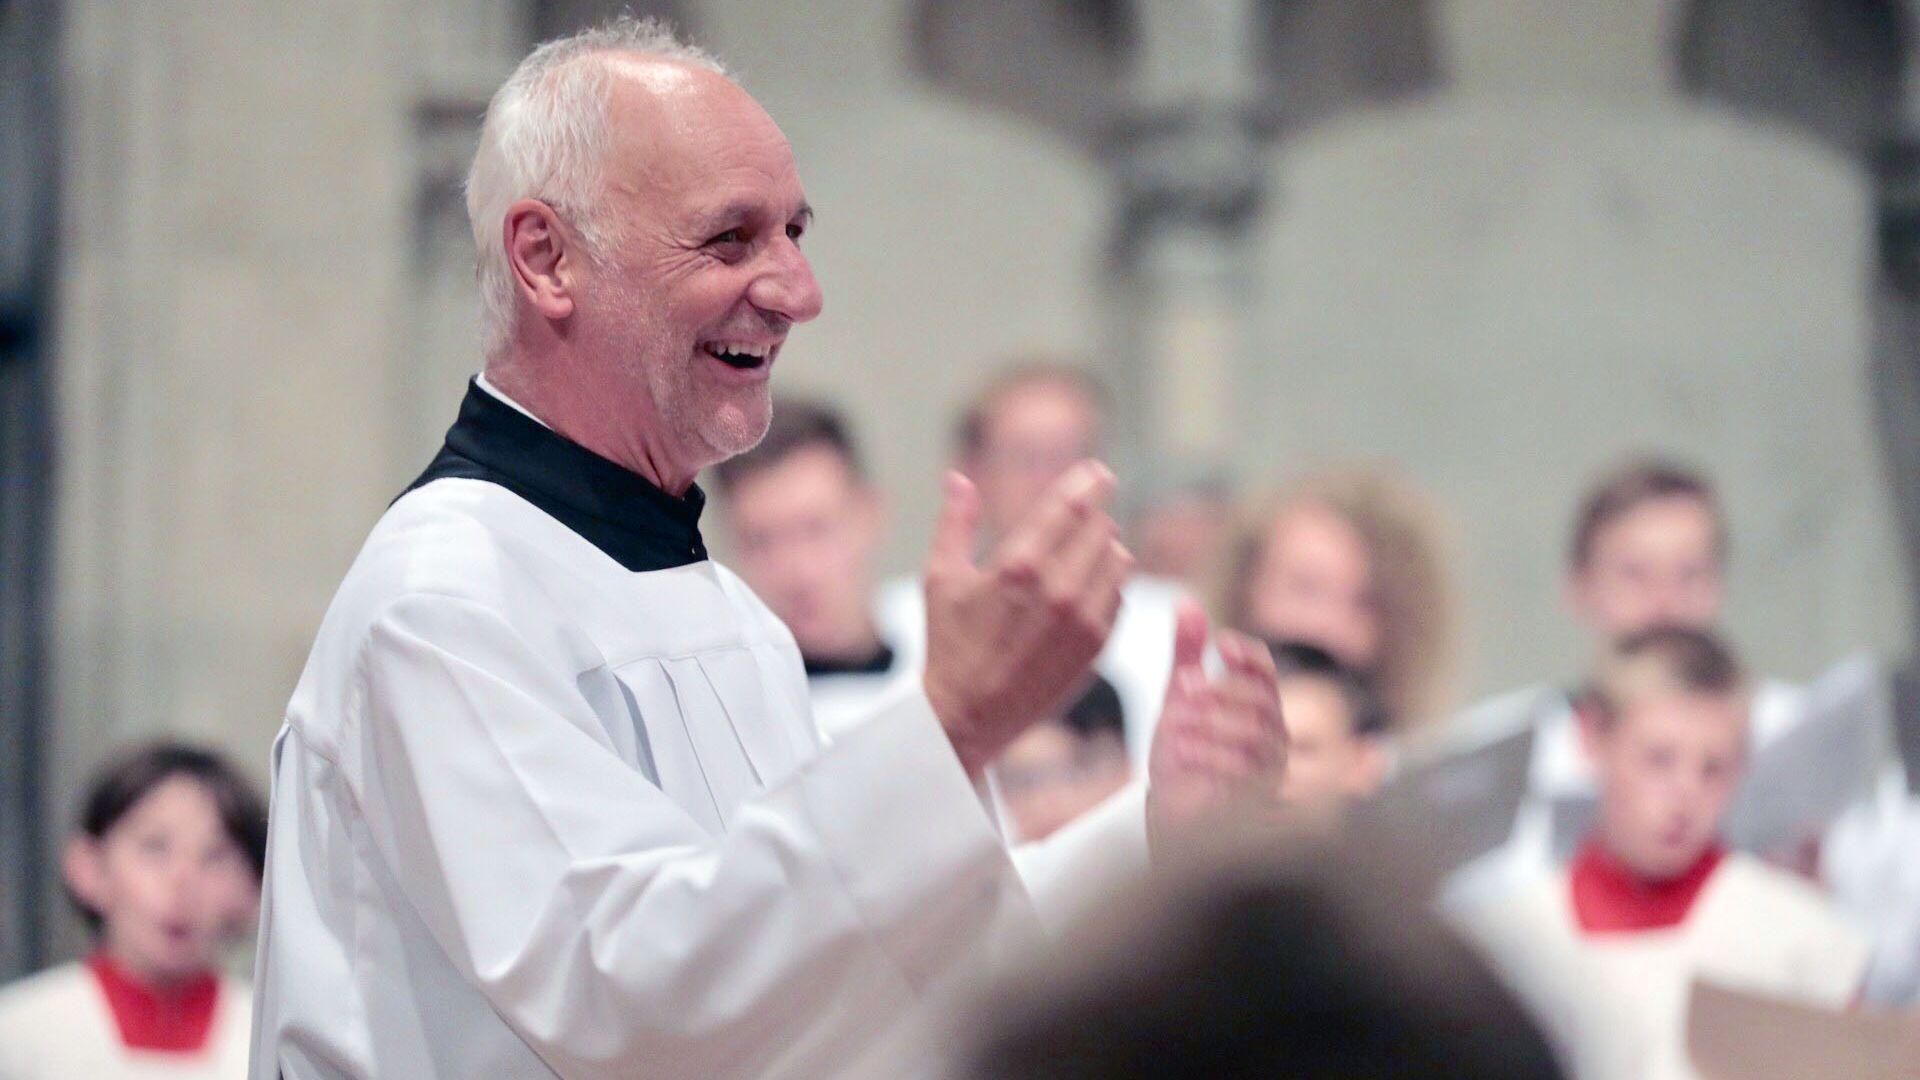 Ein heiterer Roland Büchner hat am Mittwoch zum letzten Mal im Regensburger Dom am Dirigentenpult gestanden.